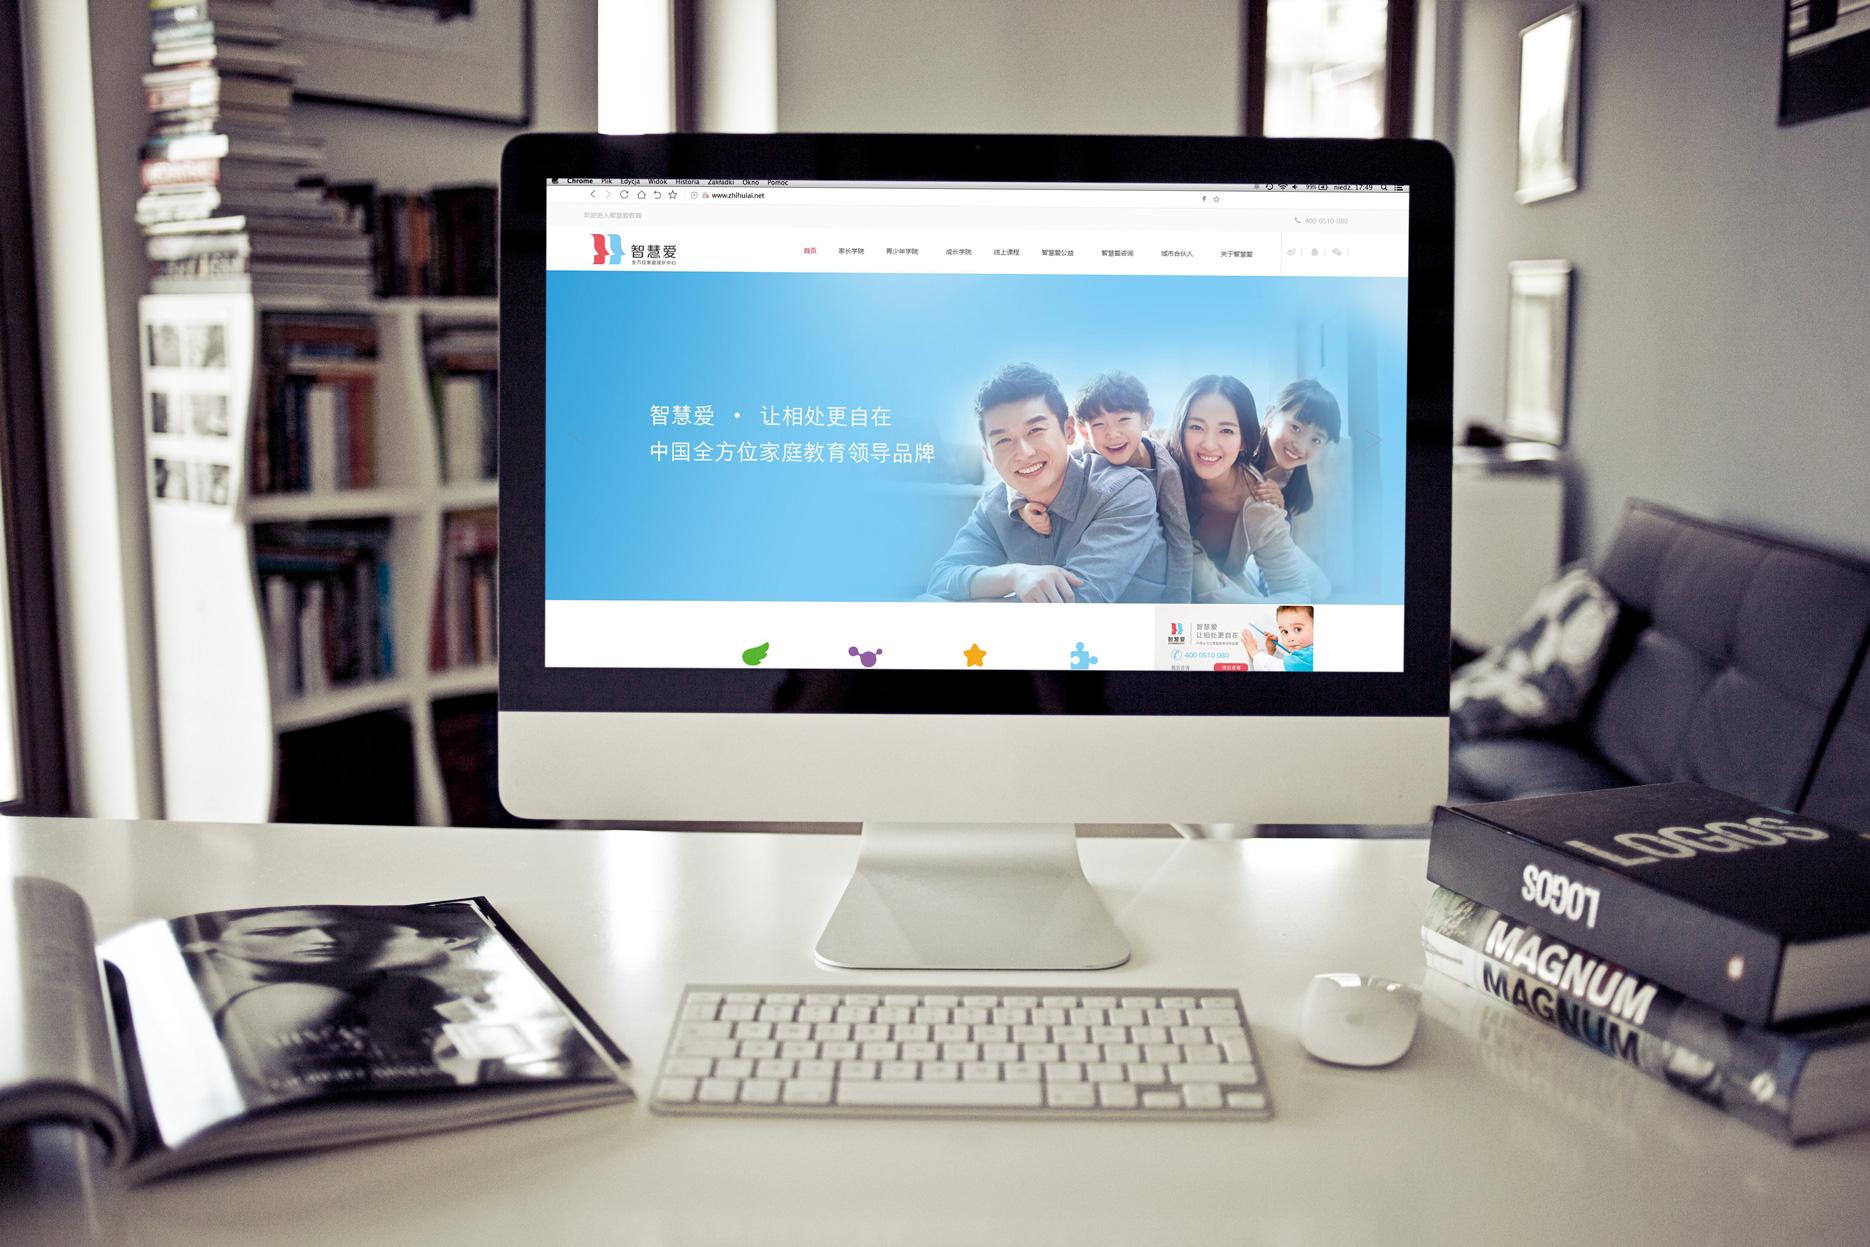 智慧爱全方位家庭成长中心品牌全案升级:PC端网站显示